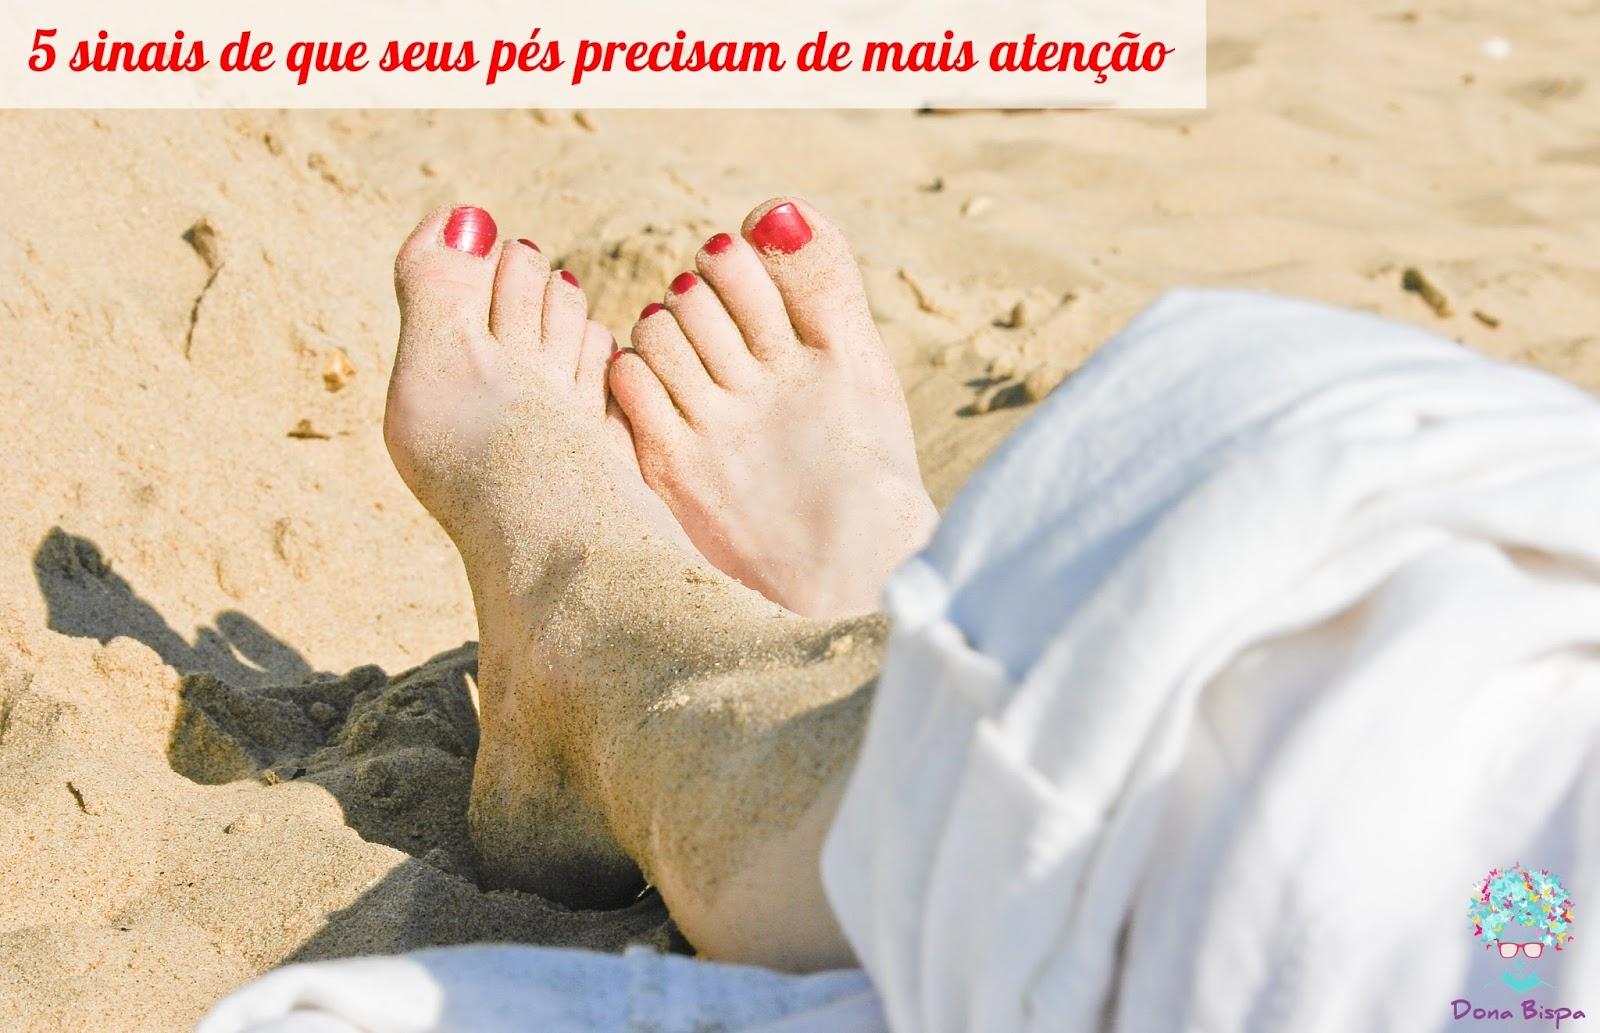 5 sinais de que seus pés precisam de mais atenção